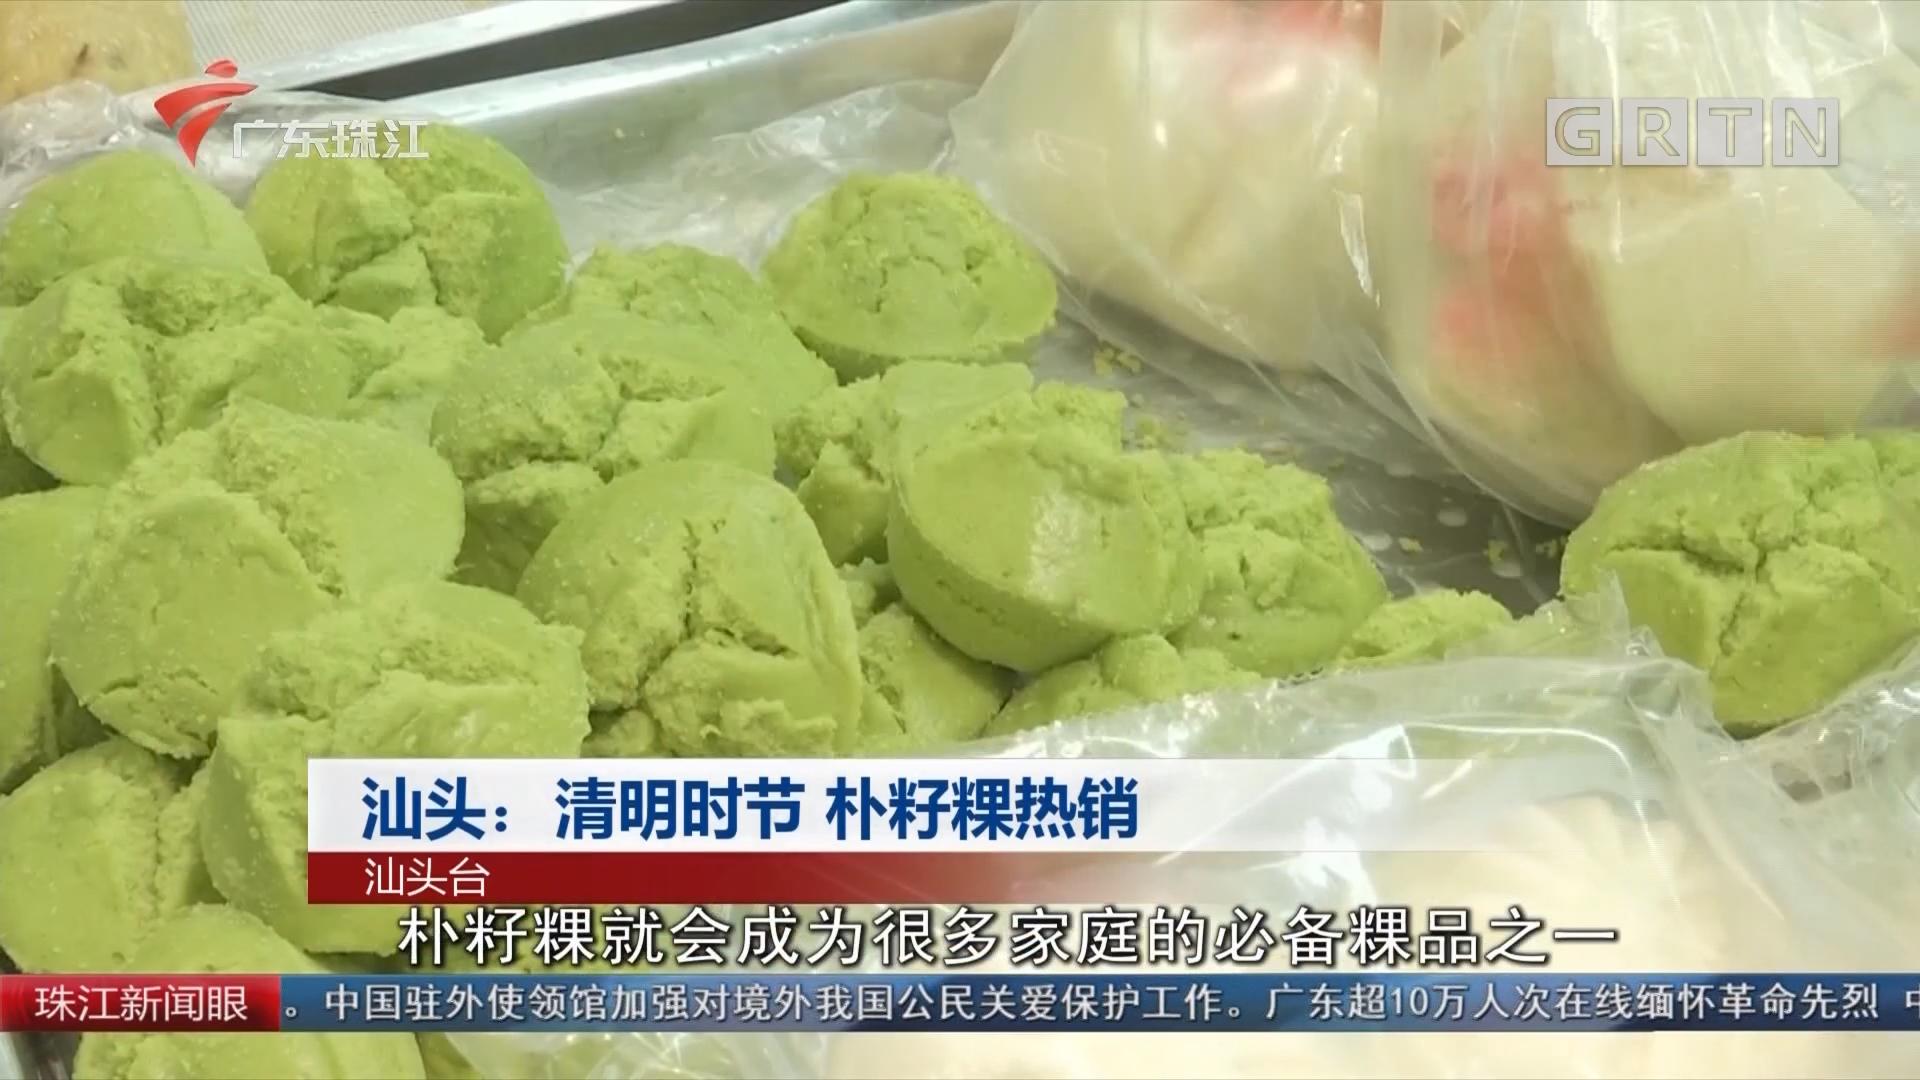 汕头:清明时节 朴籽粿热销